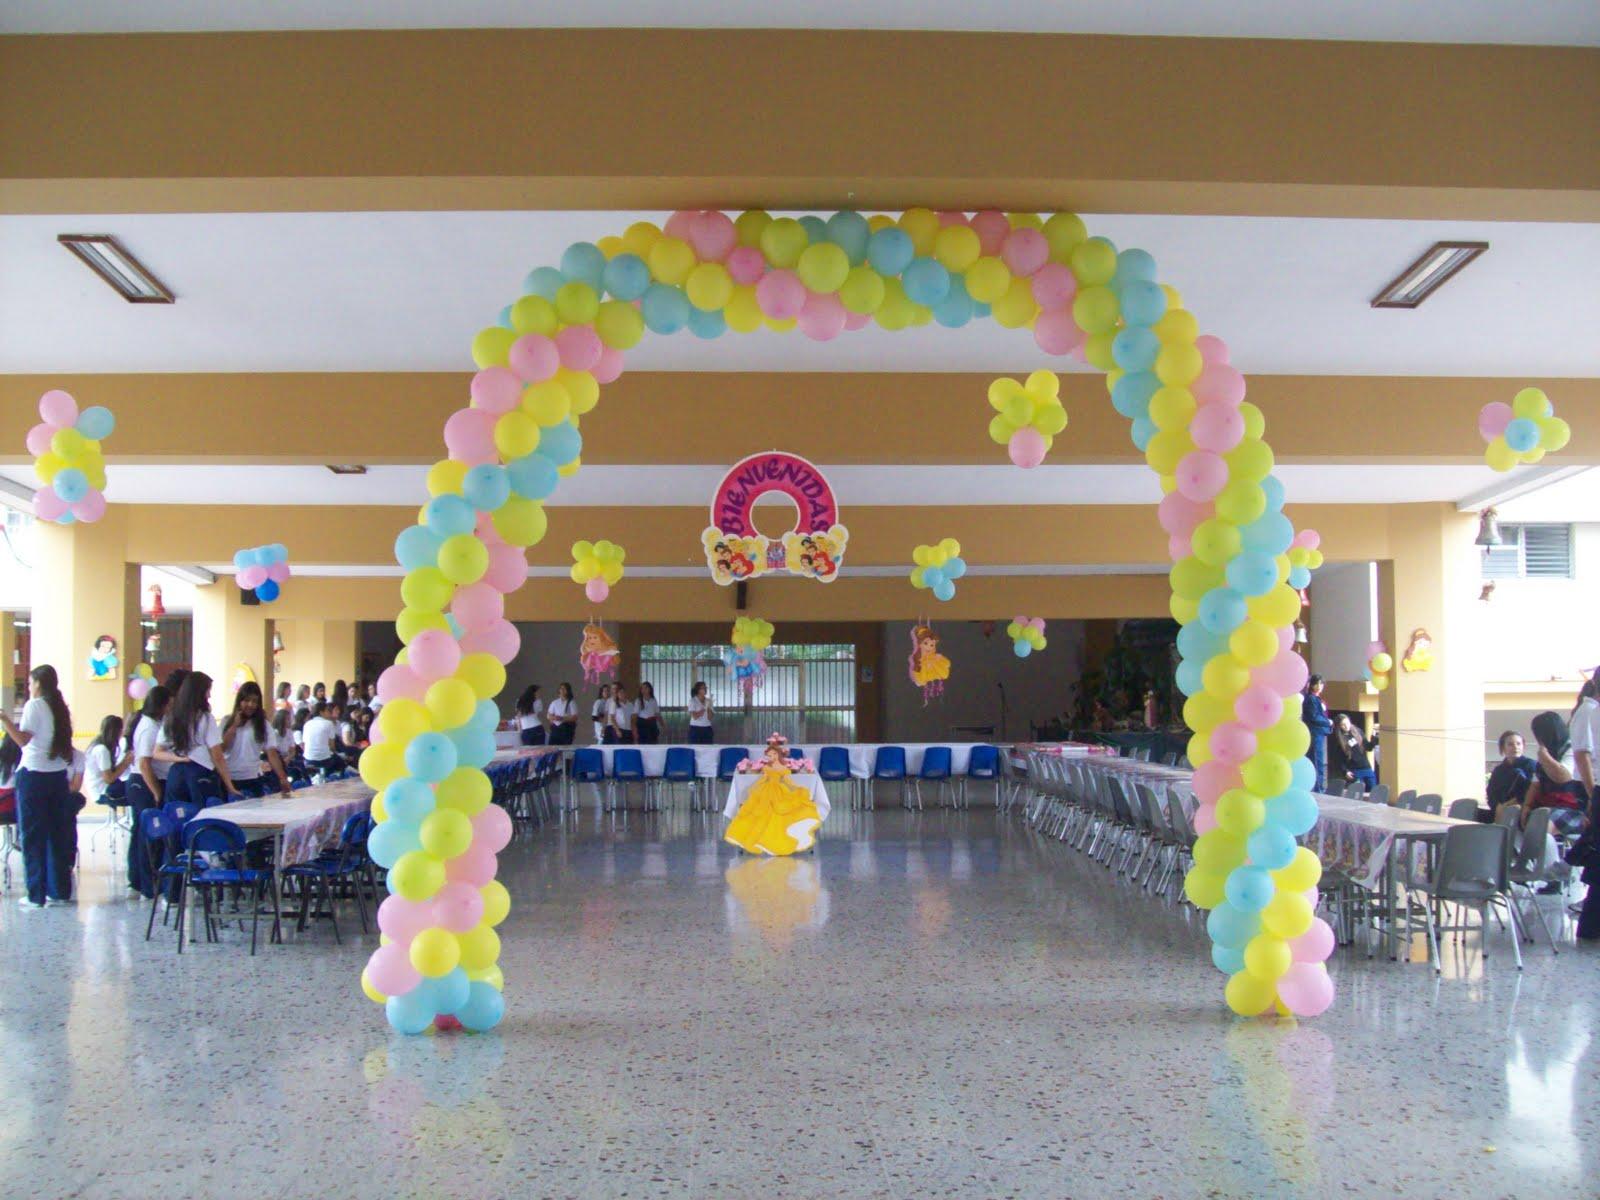 Decoracion arcos con globos recreacionistas medellin y - Decoracion fiestas tematicas ...